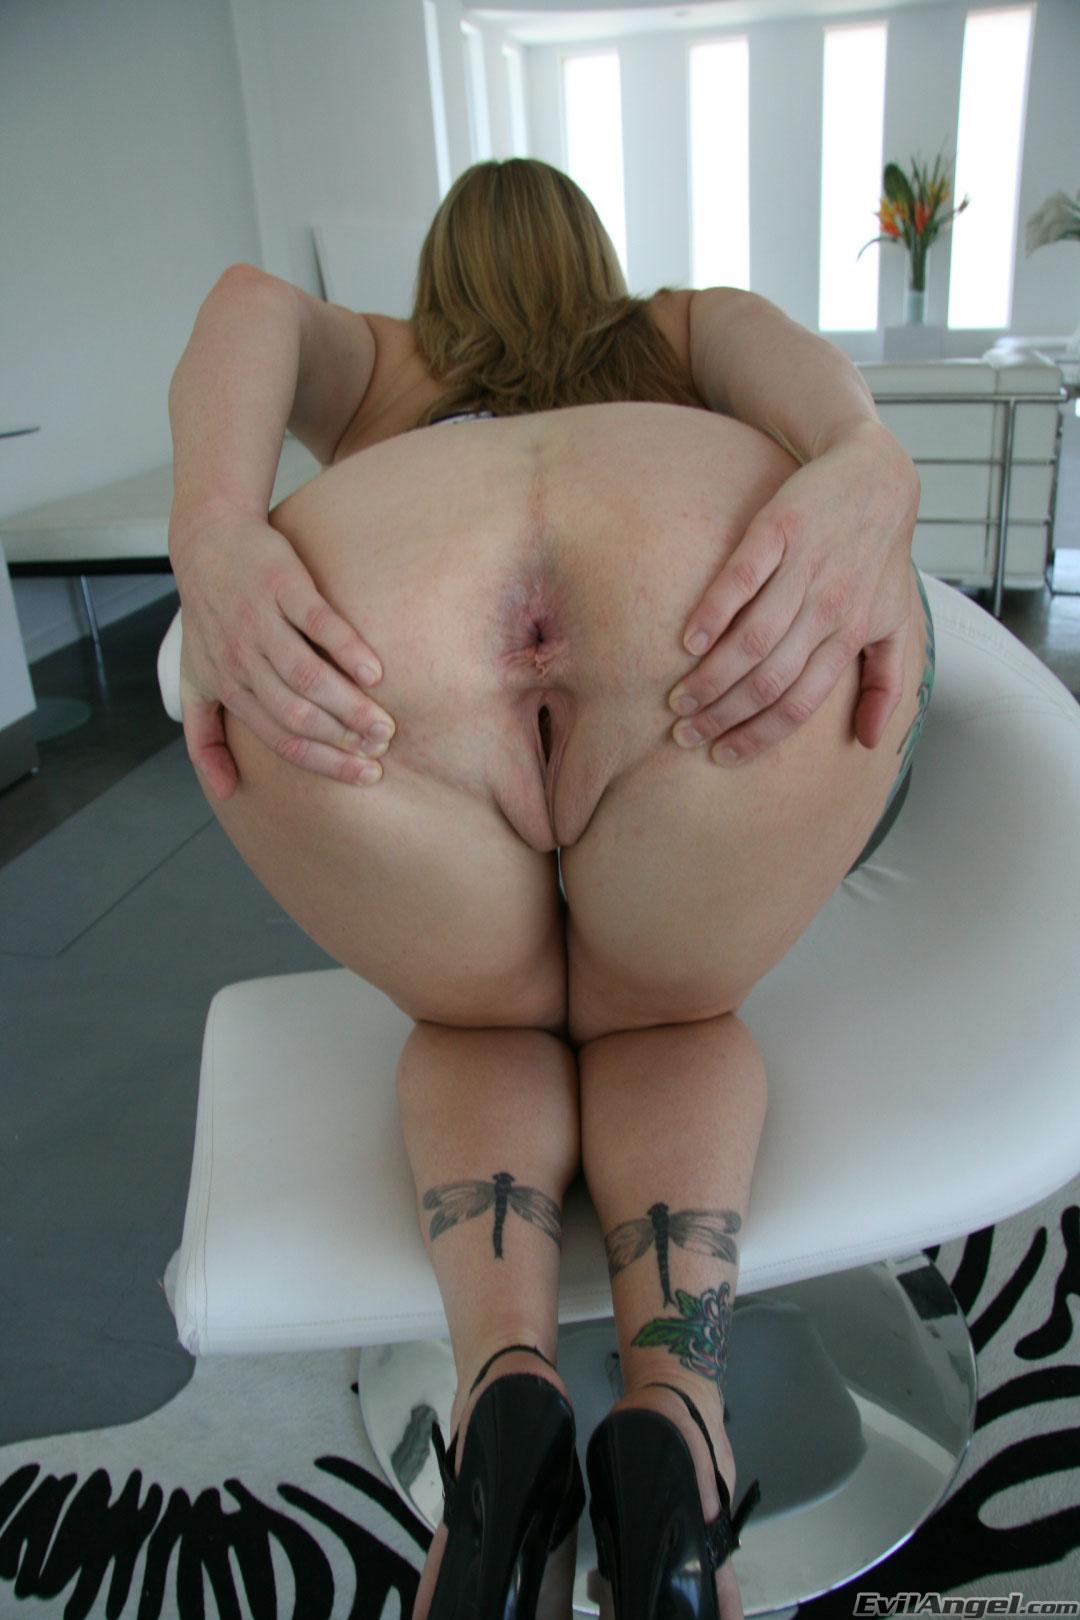 Самые большие дырки женском теле бесплатно 25 фотография